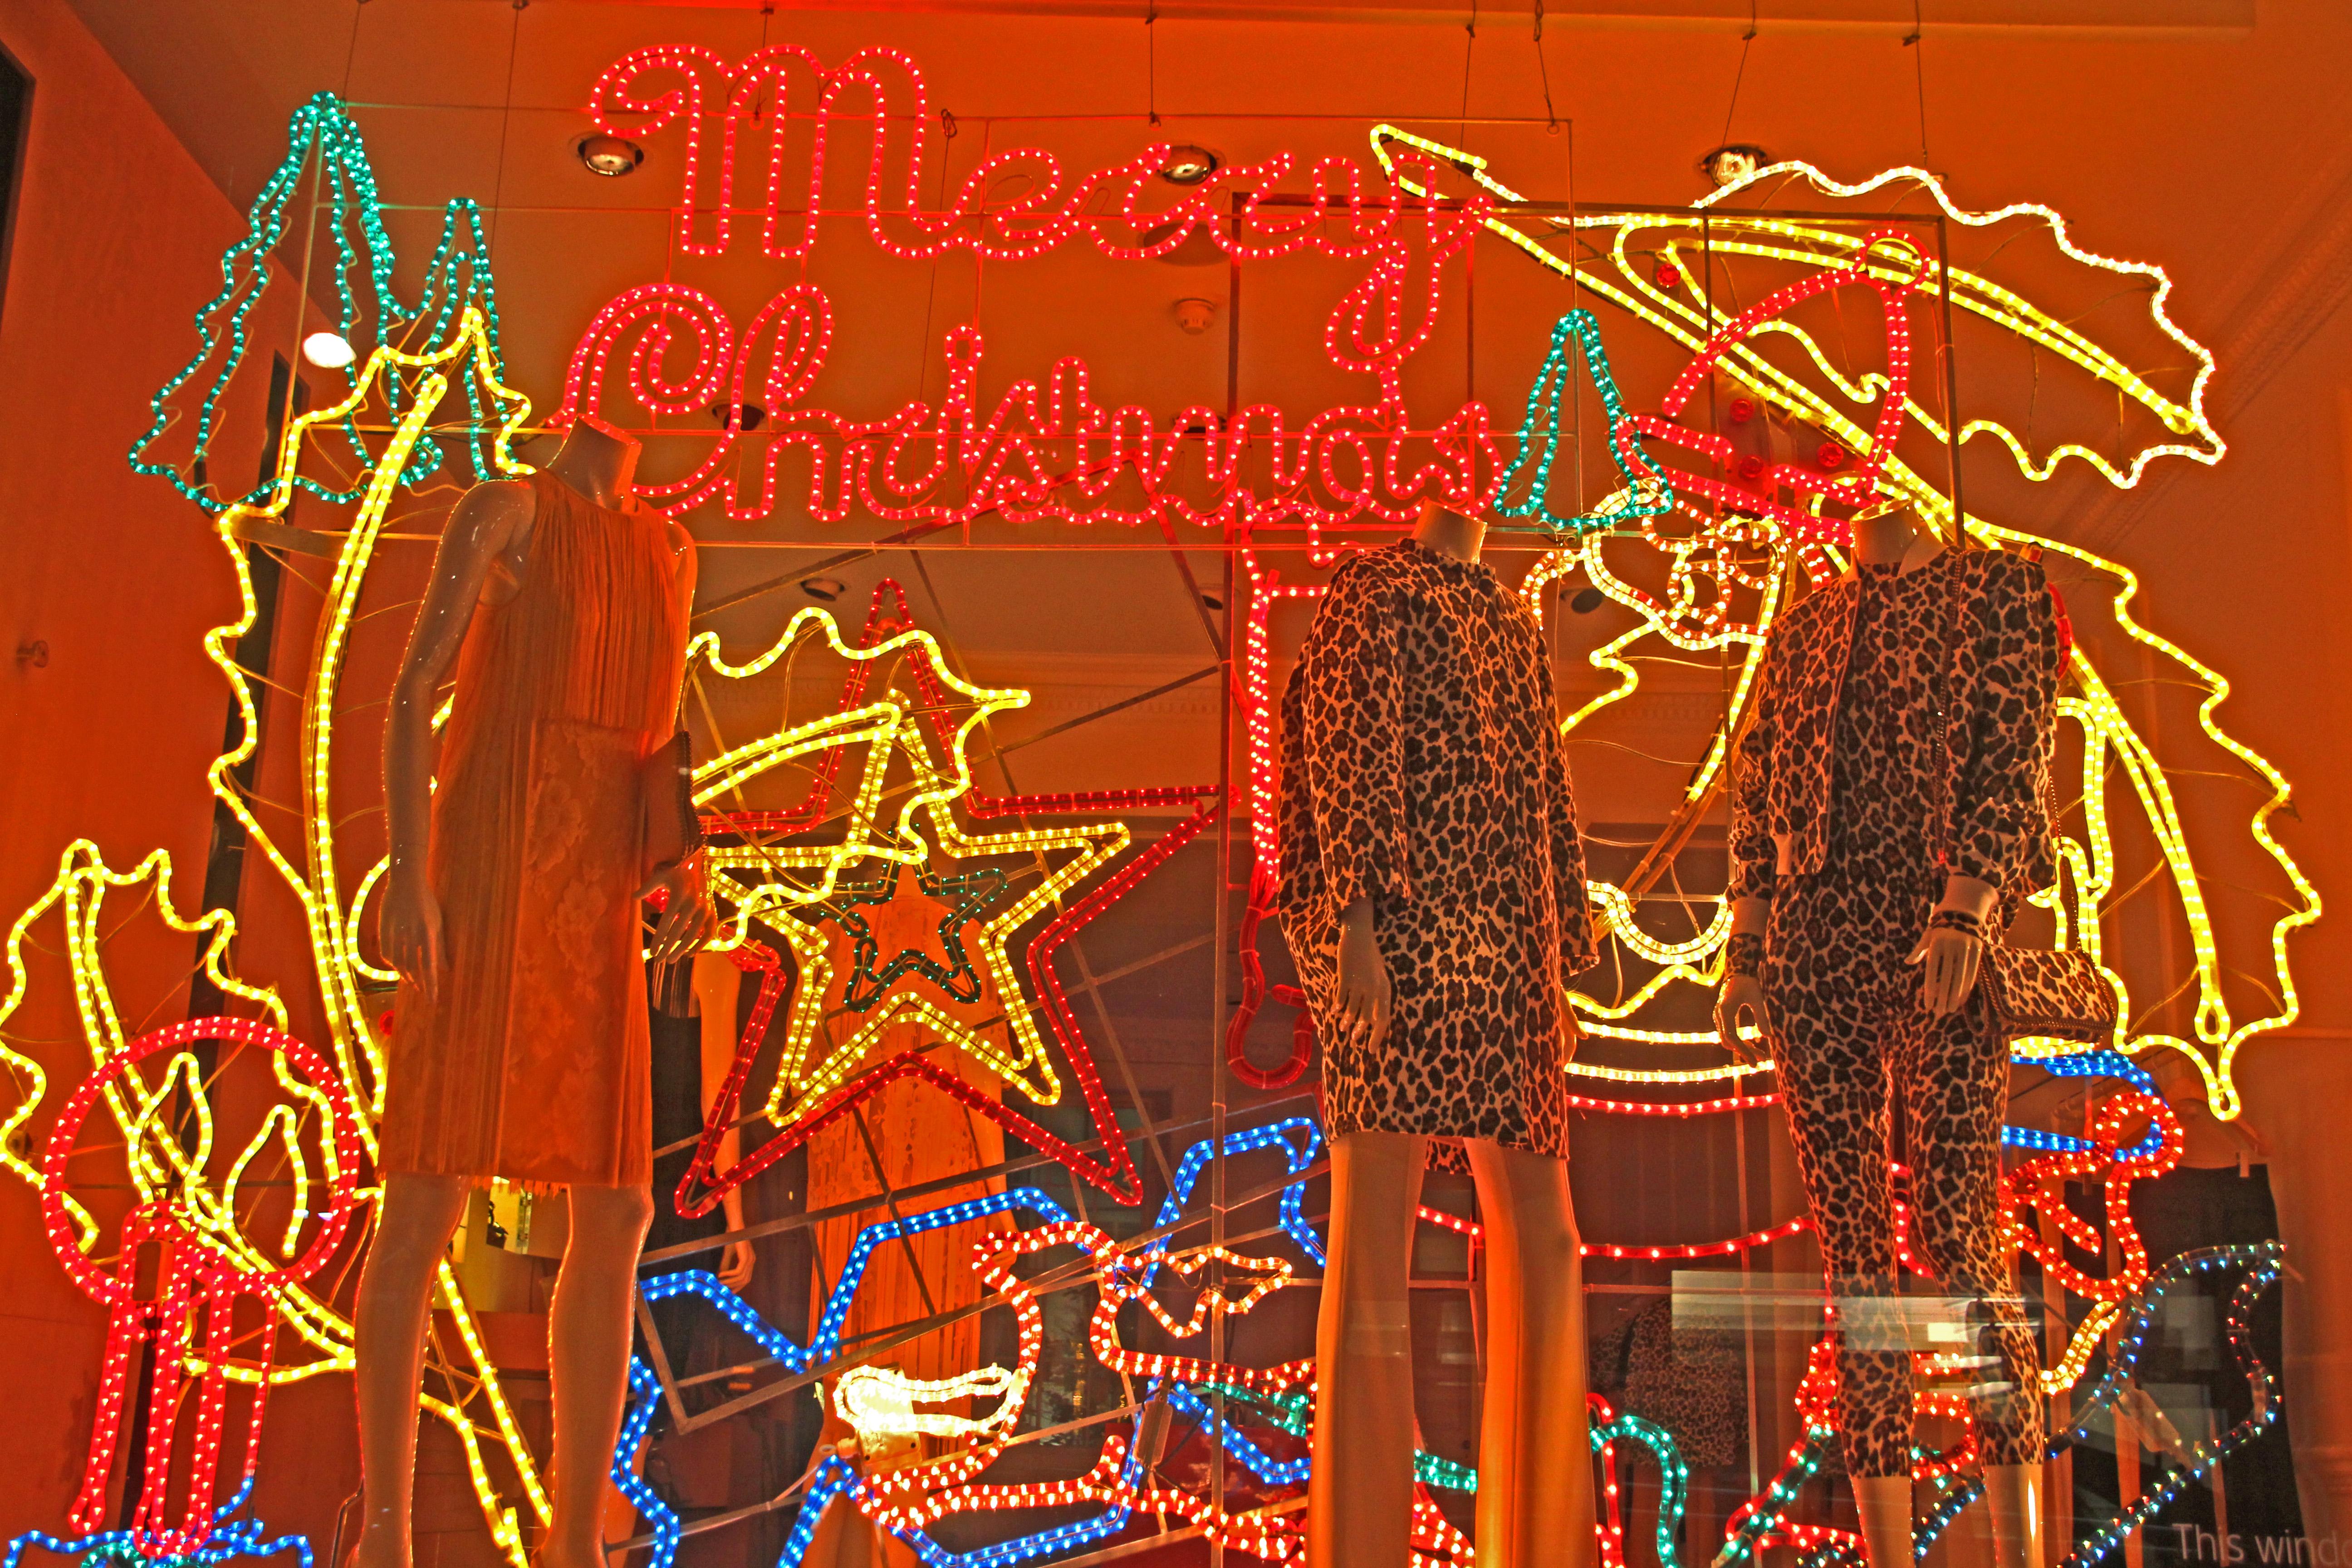 London Christmas Window © jonovernon-powell